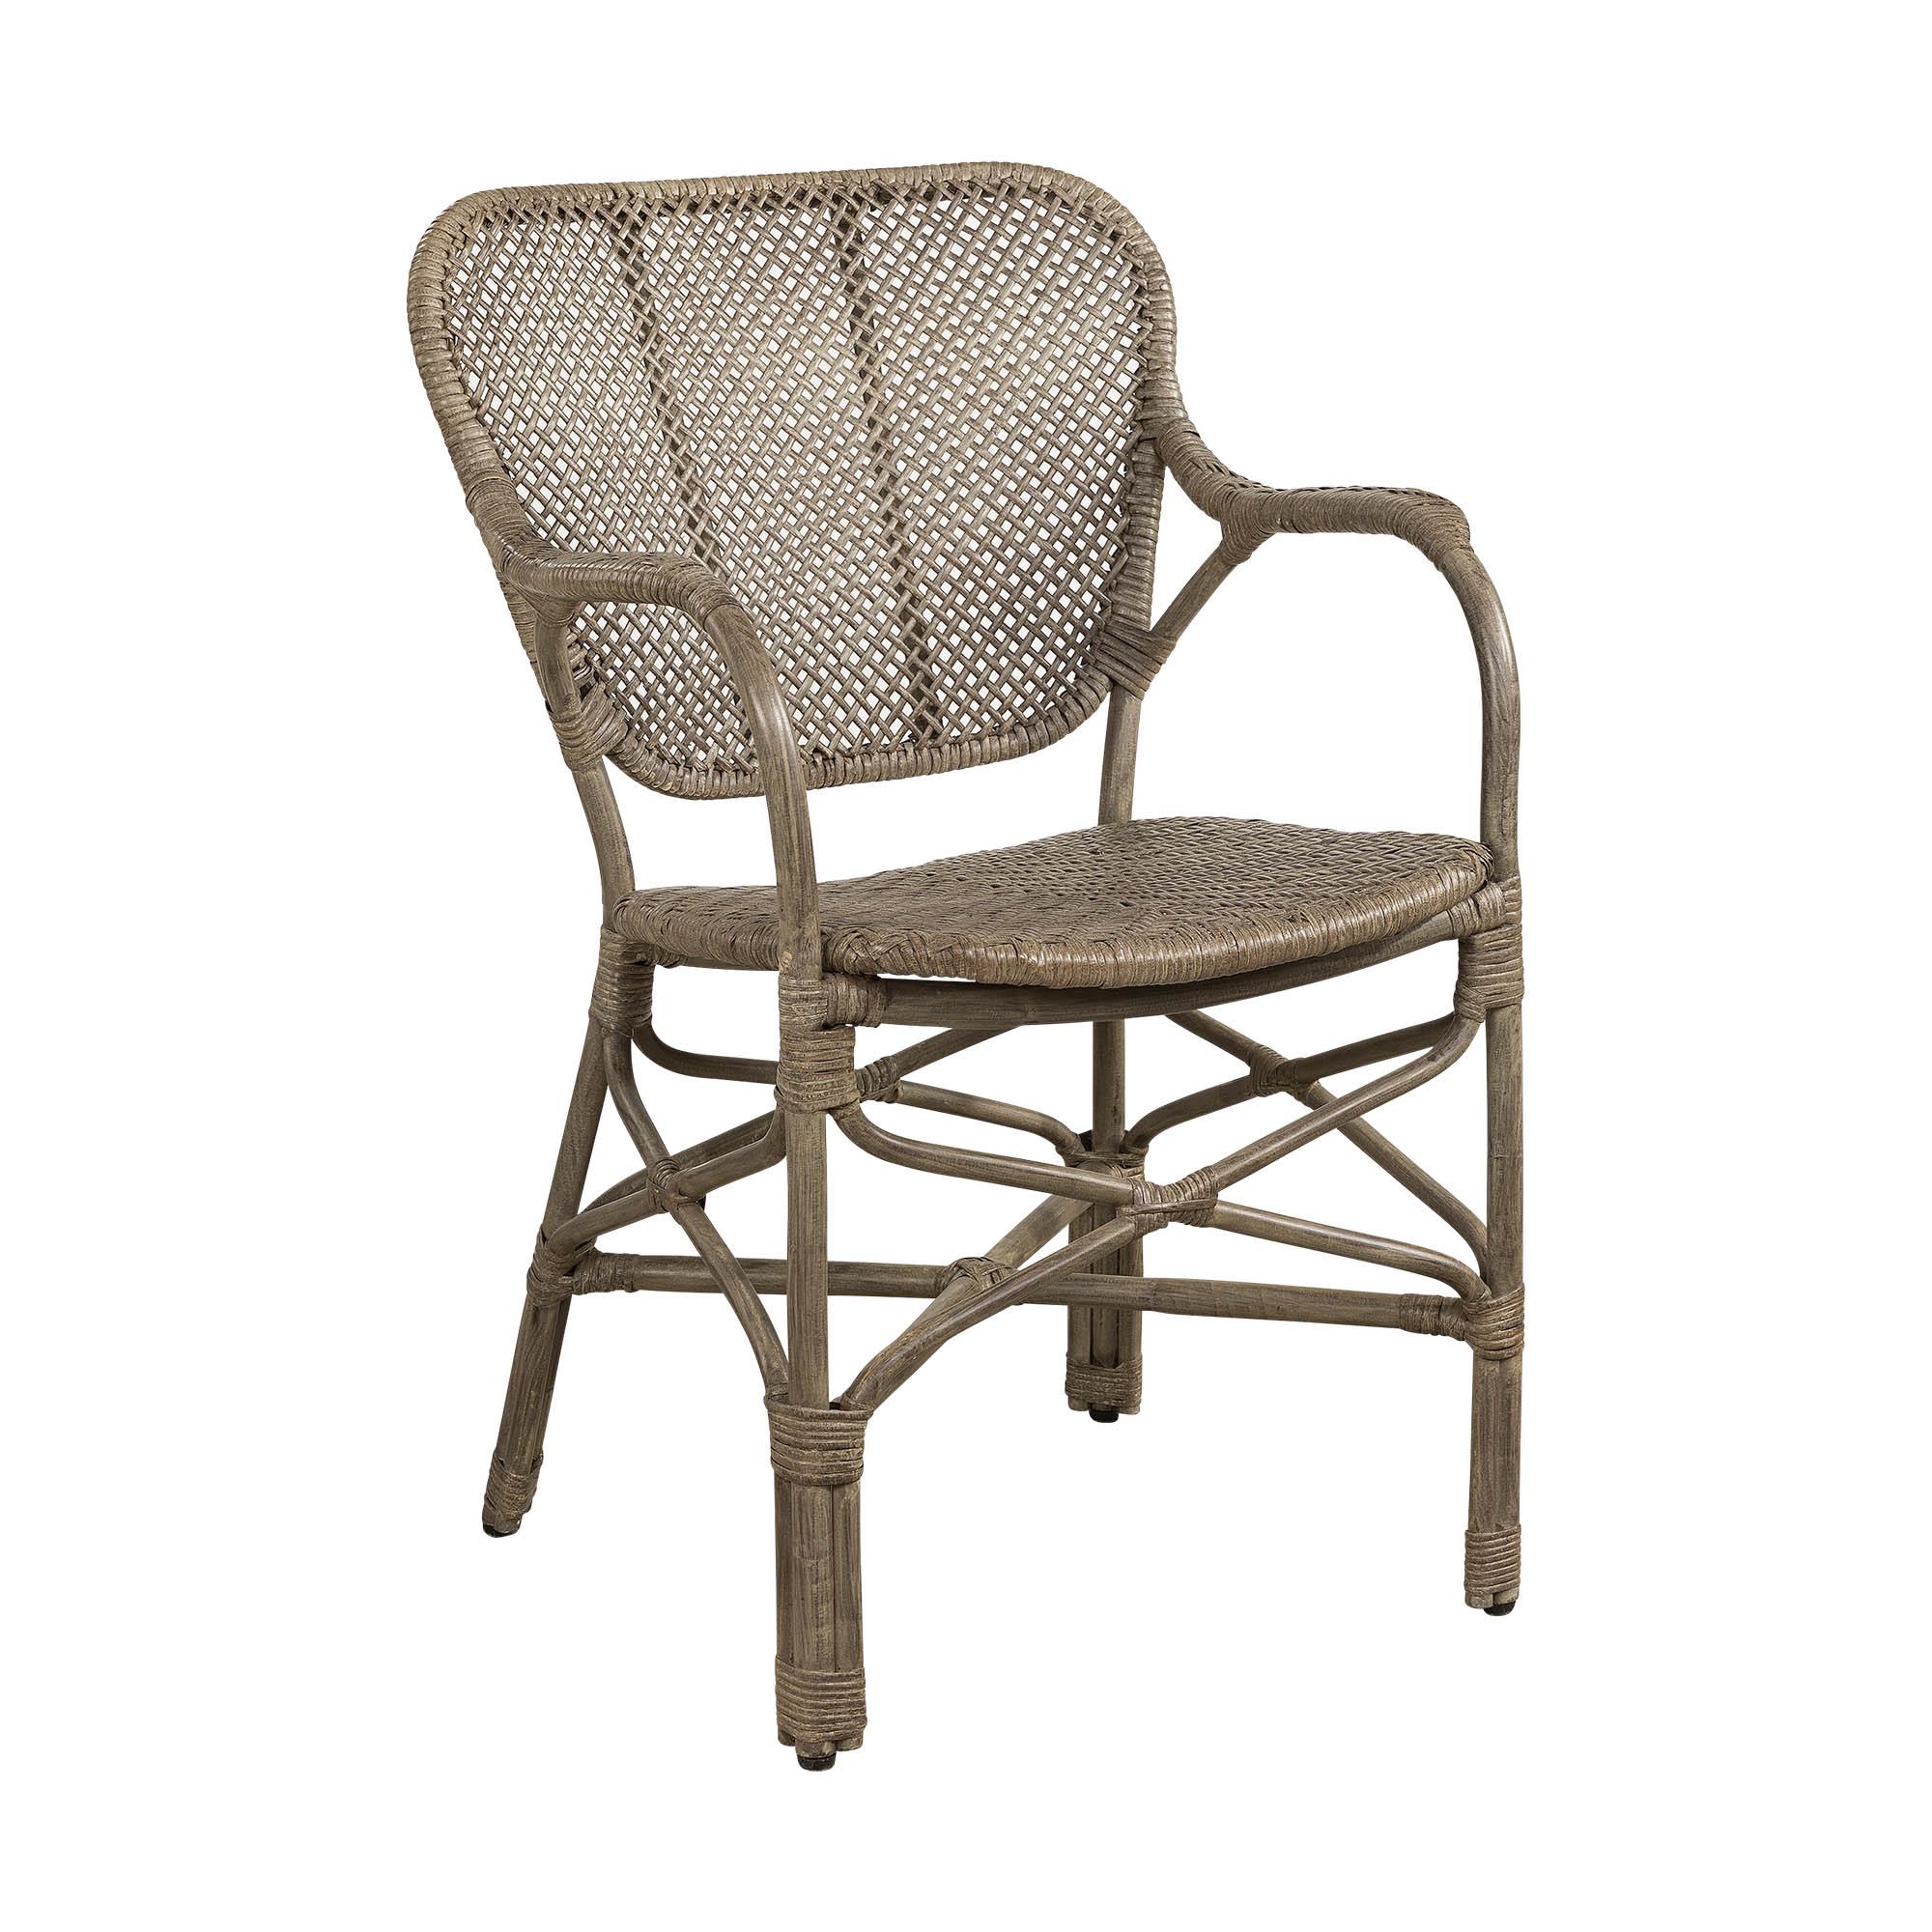 Bistro karmstol från Artwood, här i färgen antique grey.